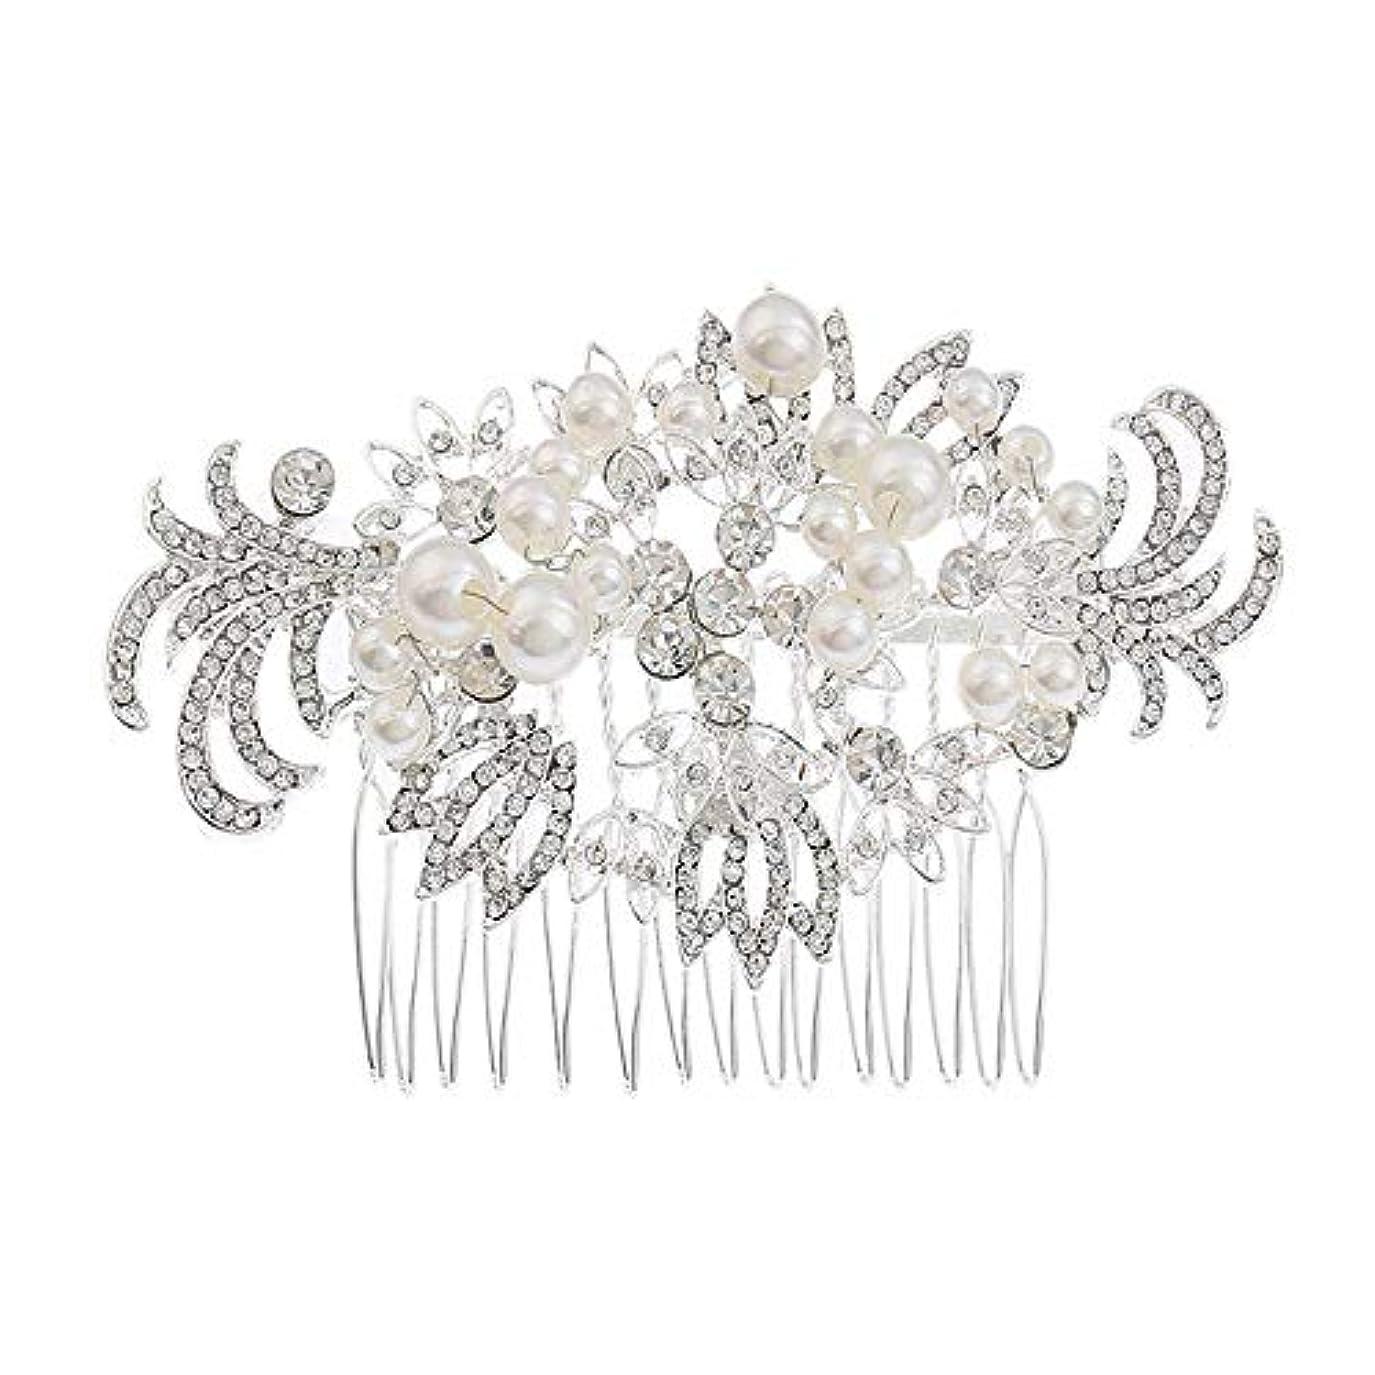 仮定狐モバイル髪の櫛挿入櫛花嫁の髪櫛真珠の髪の櫛ラインストーンの髪の櫛結婚式のヘアアクセサリー合金の帽子ブライダルヘッドドレス